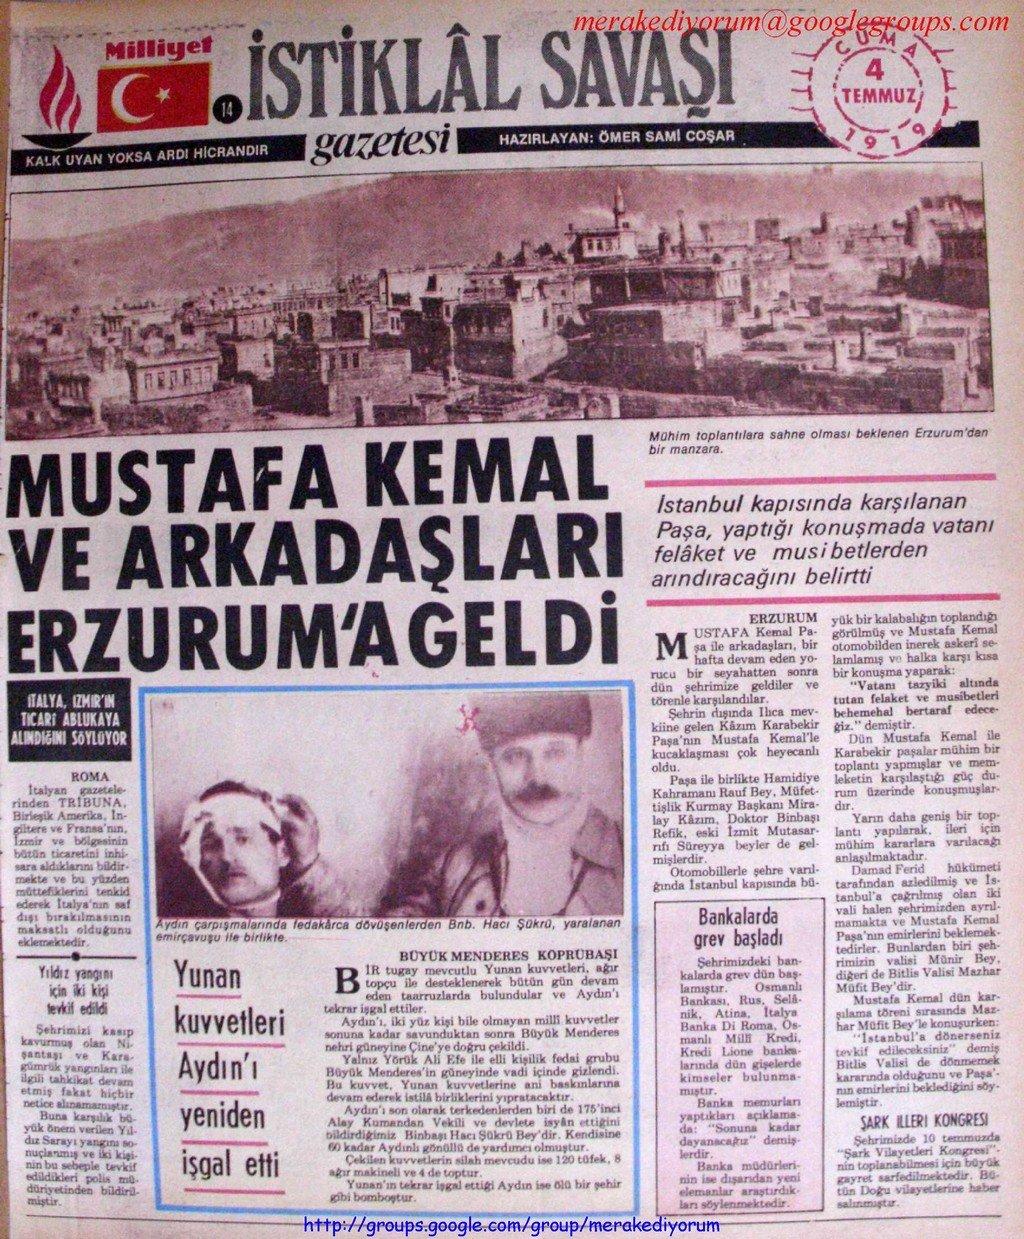 istiklal savaşı gazetesi - 4 temmuz 1919